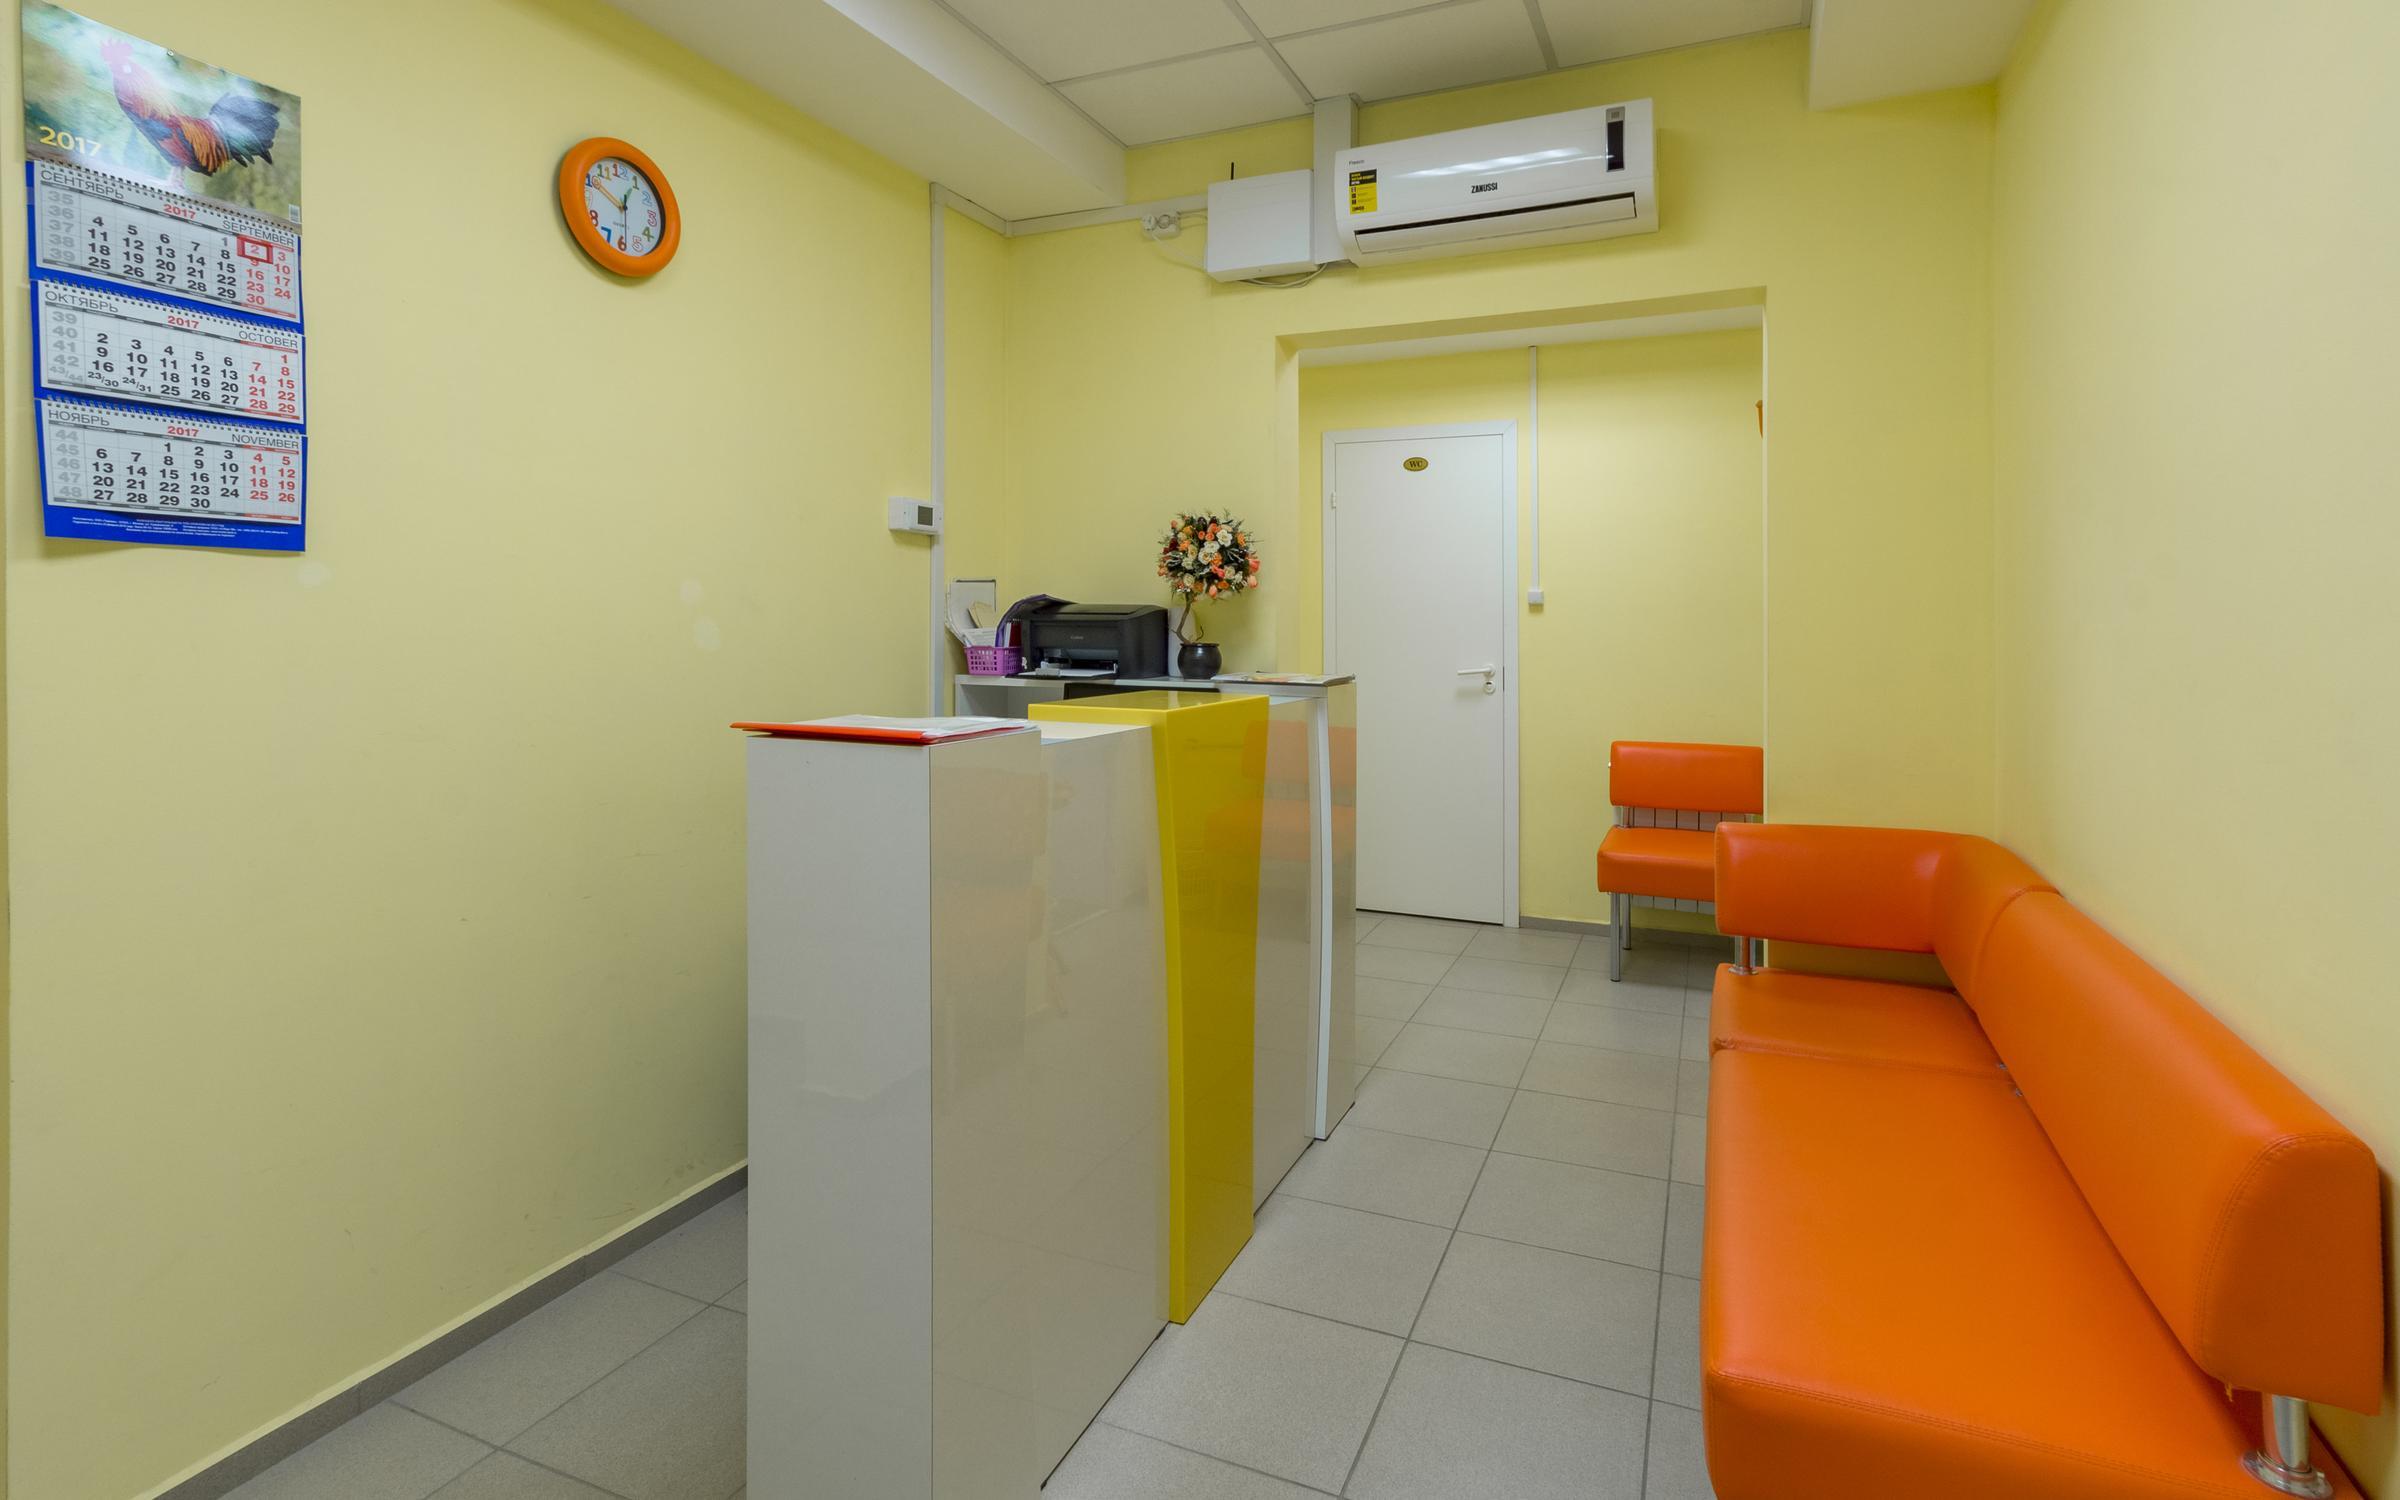 фотография Стоматологического центра УльтраДент на улице Богдановича